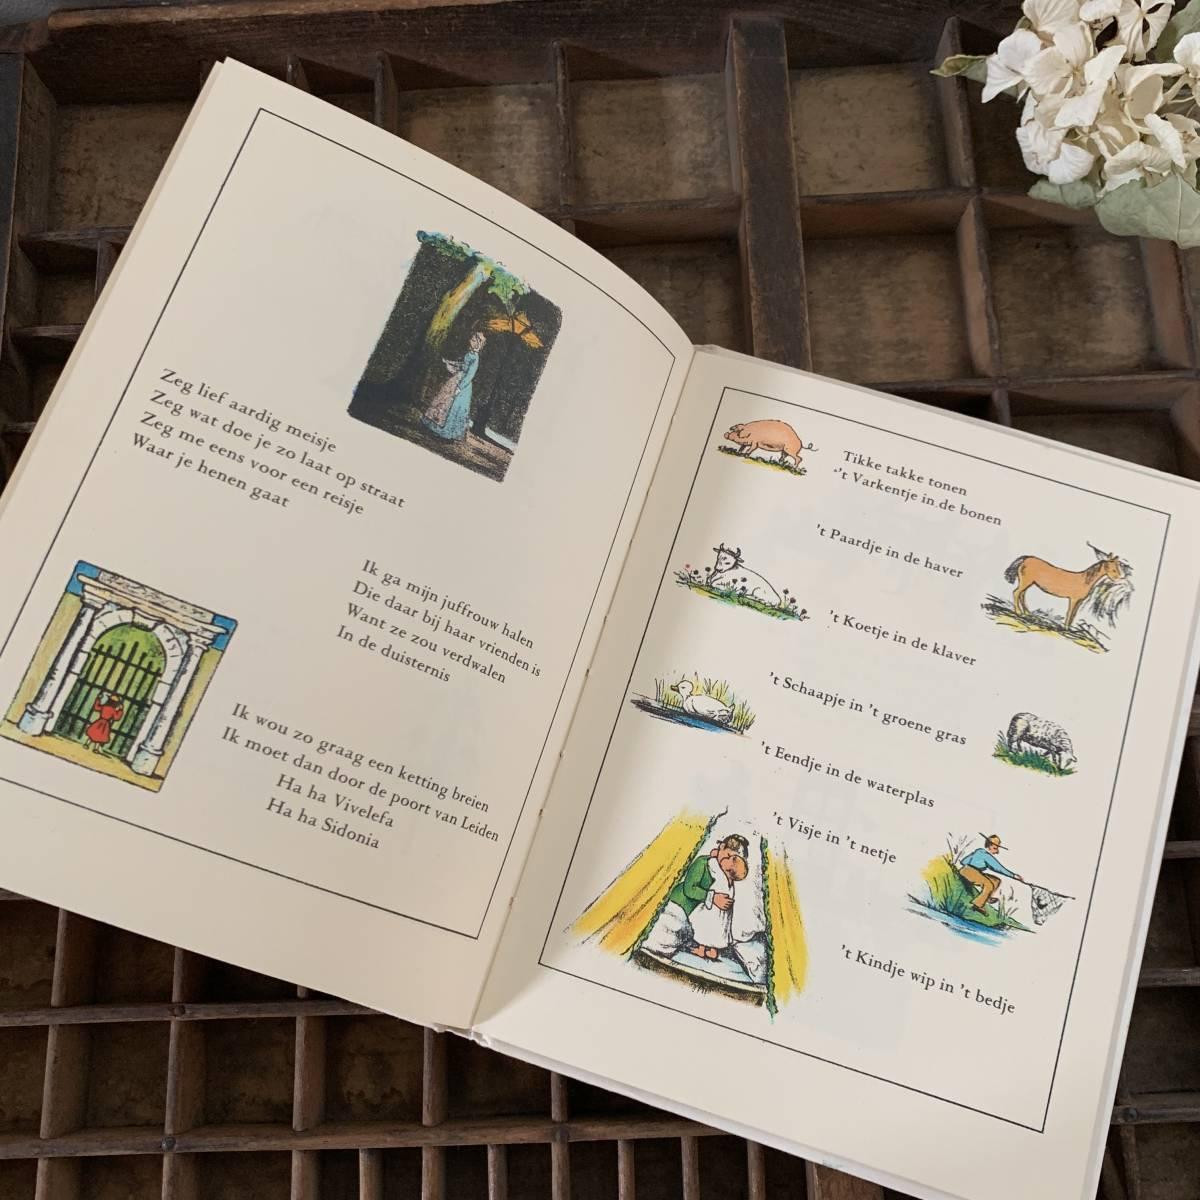 オランダ蚤の市 影絵の本 1979年 ヴィンテージ インテリア シャビー シルエット 絵本 洋書 雑貨 ディスプレイ_画像10